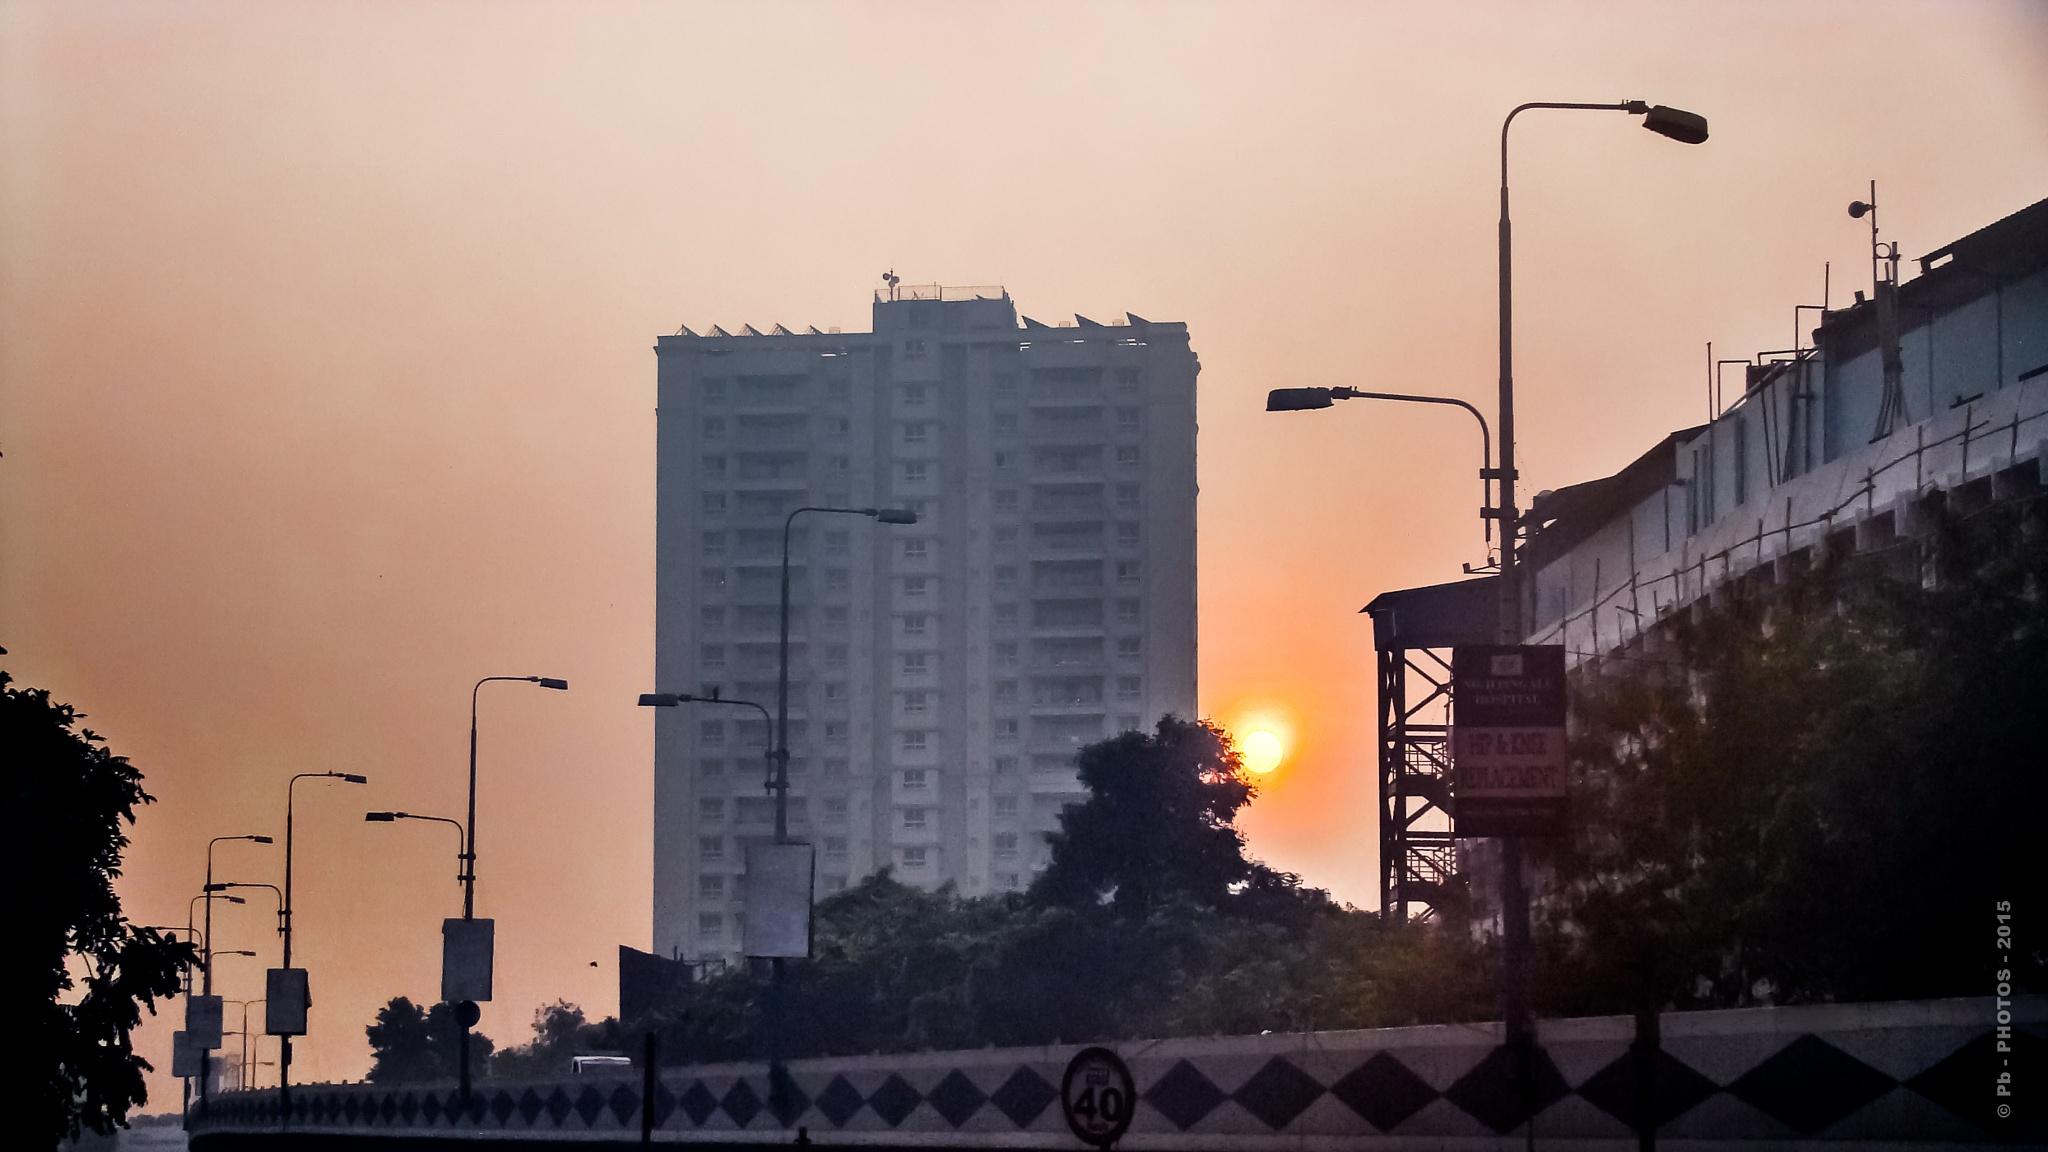 298 - MORNING HOUR CITYSCAPE - KOLKATA - CITYSCAPE by Pb - PHOTOS